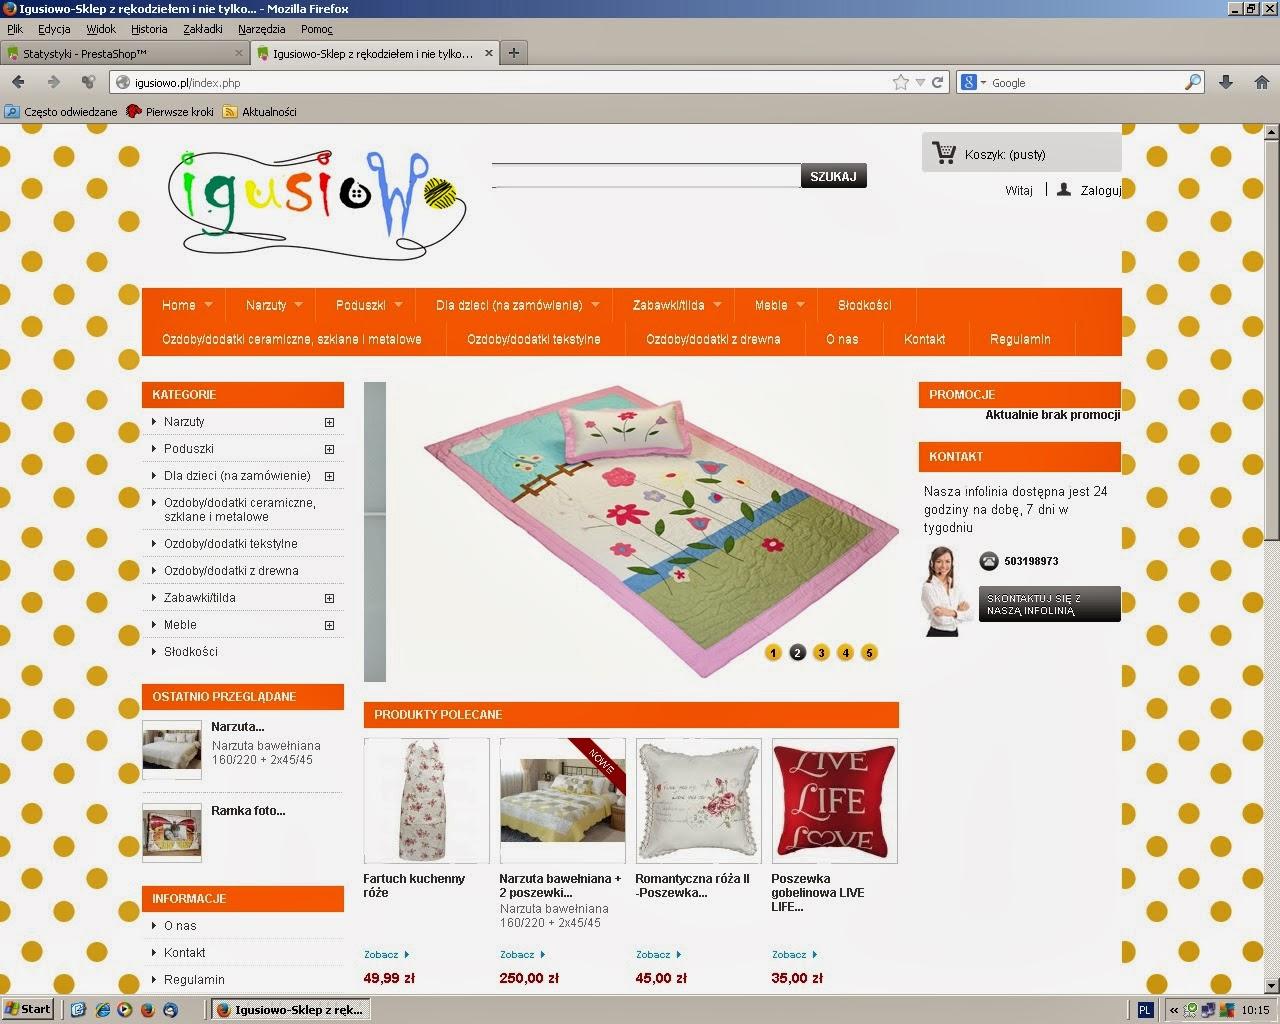 www.igusiowo.pl